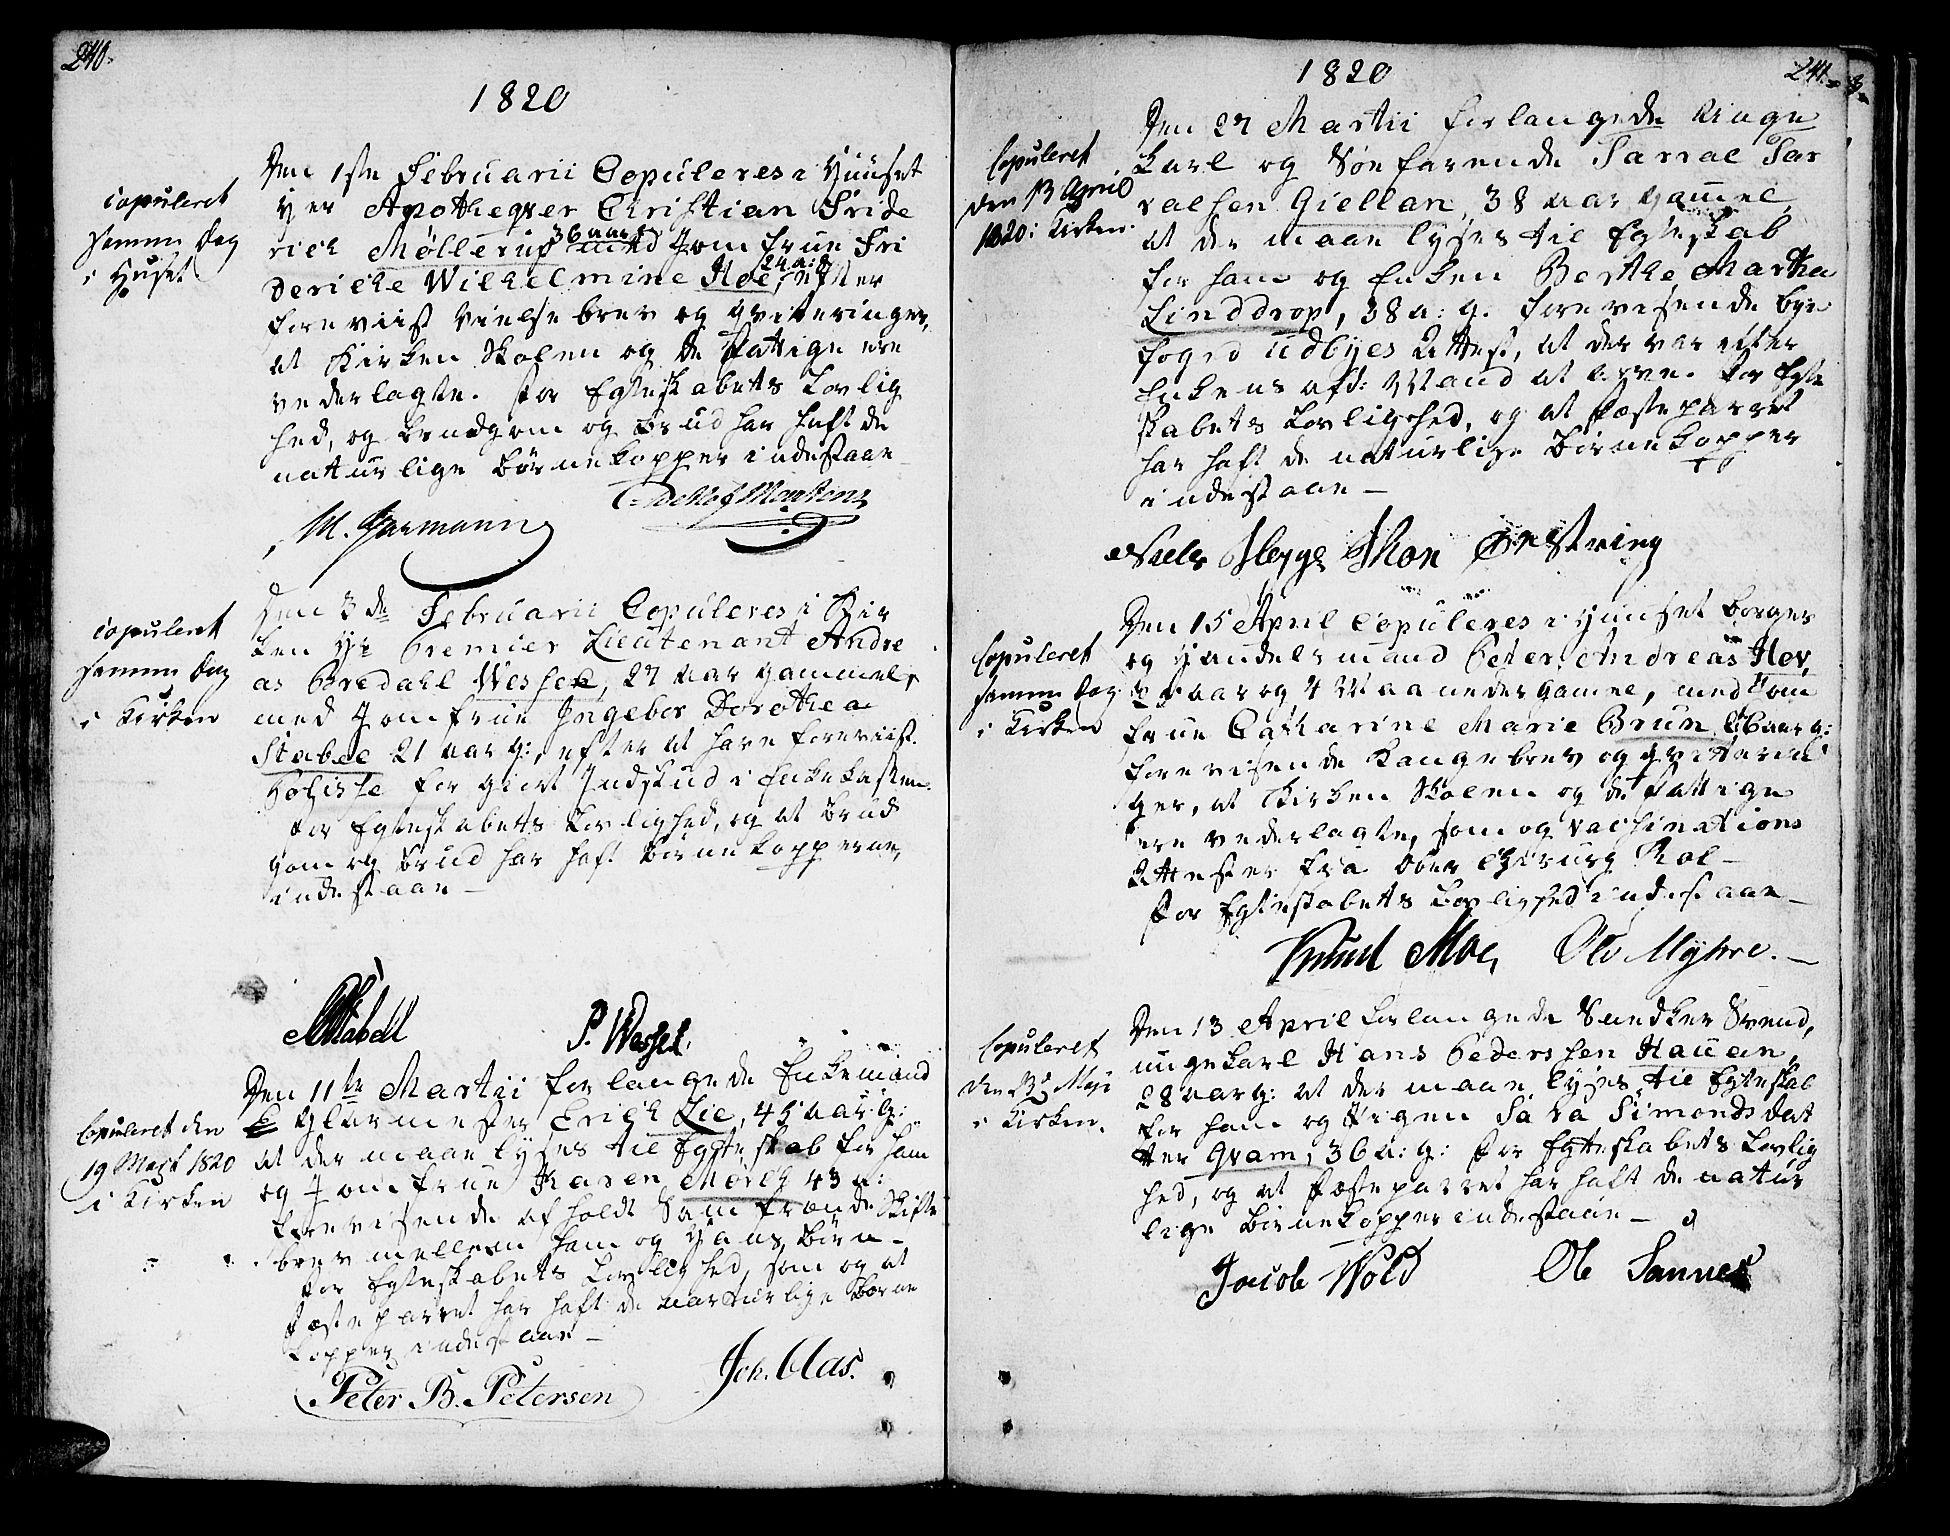 SAT, Ministerialprotokoller, klokkerbøker og fødselsregistre - Sør-Trøndelag, 601/L0042: Ministerialbok nr. 601A10, 1802-1830, s. 240-241